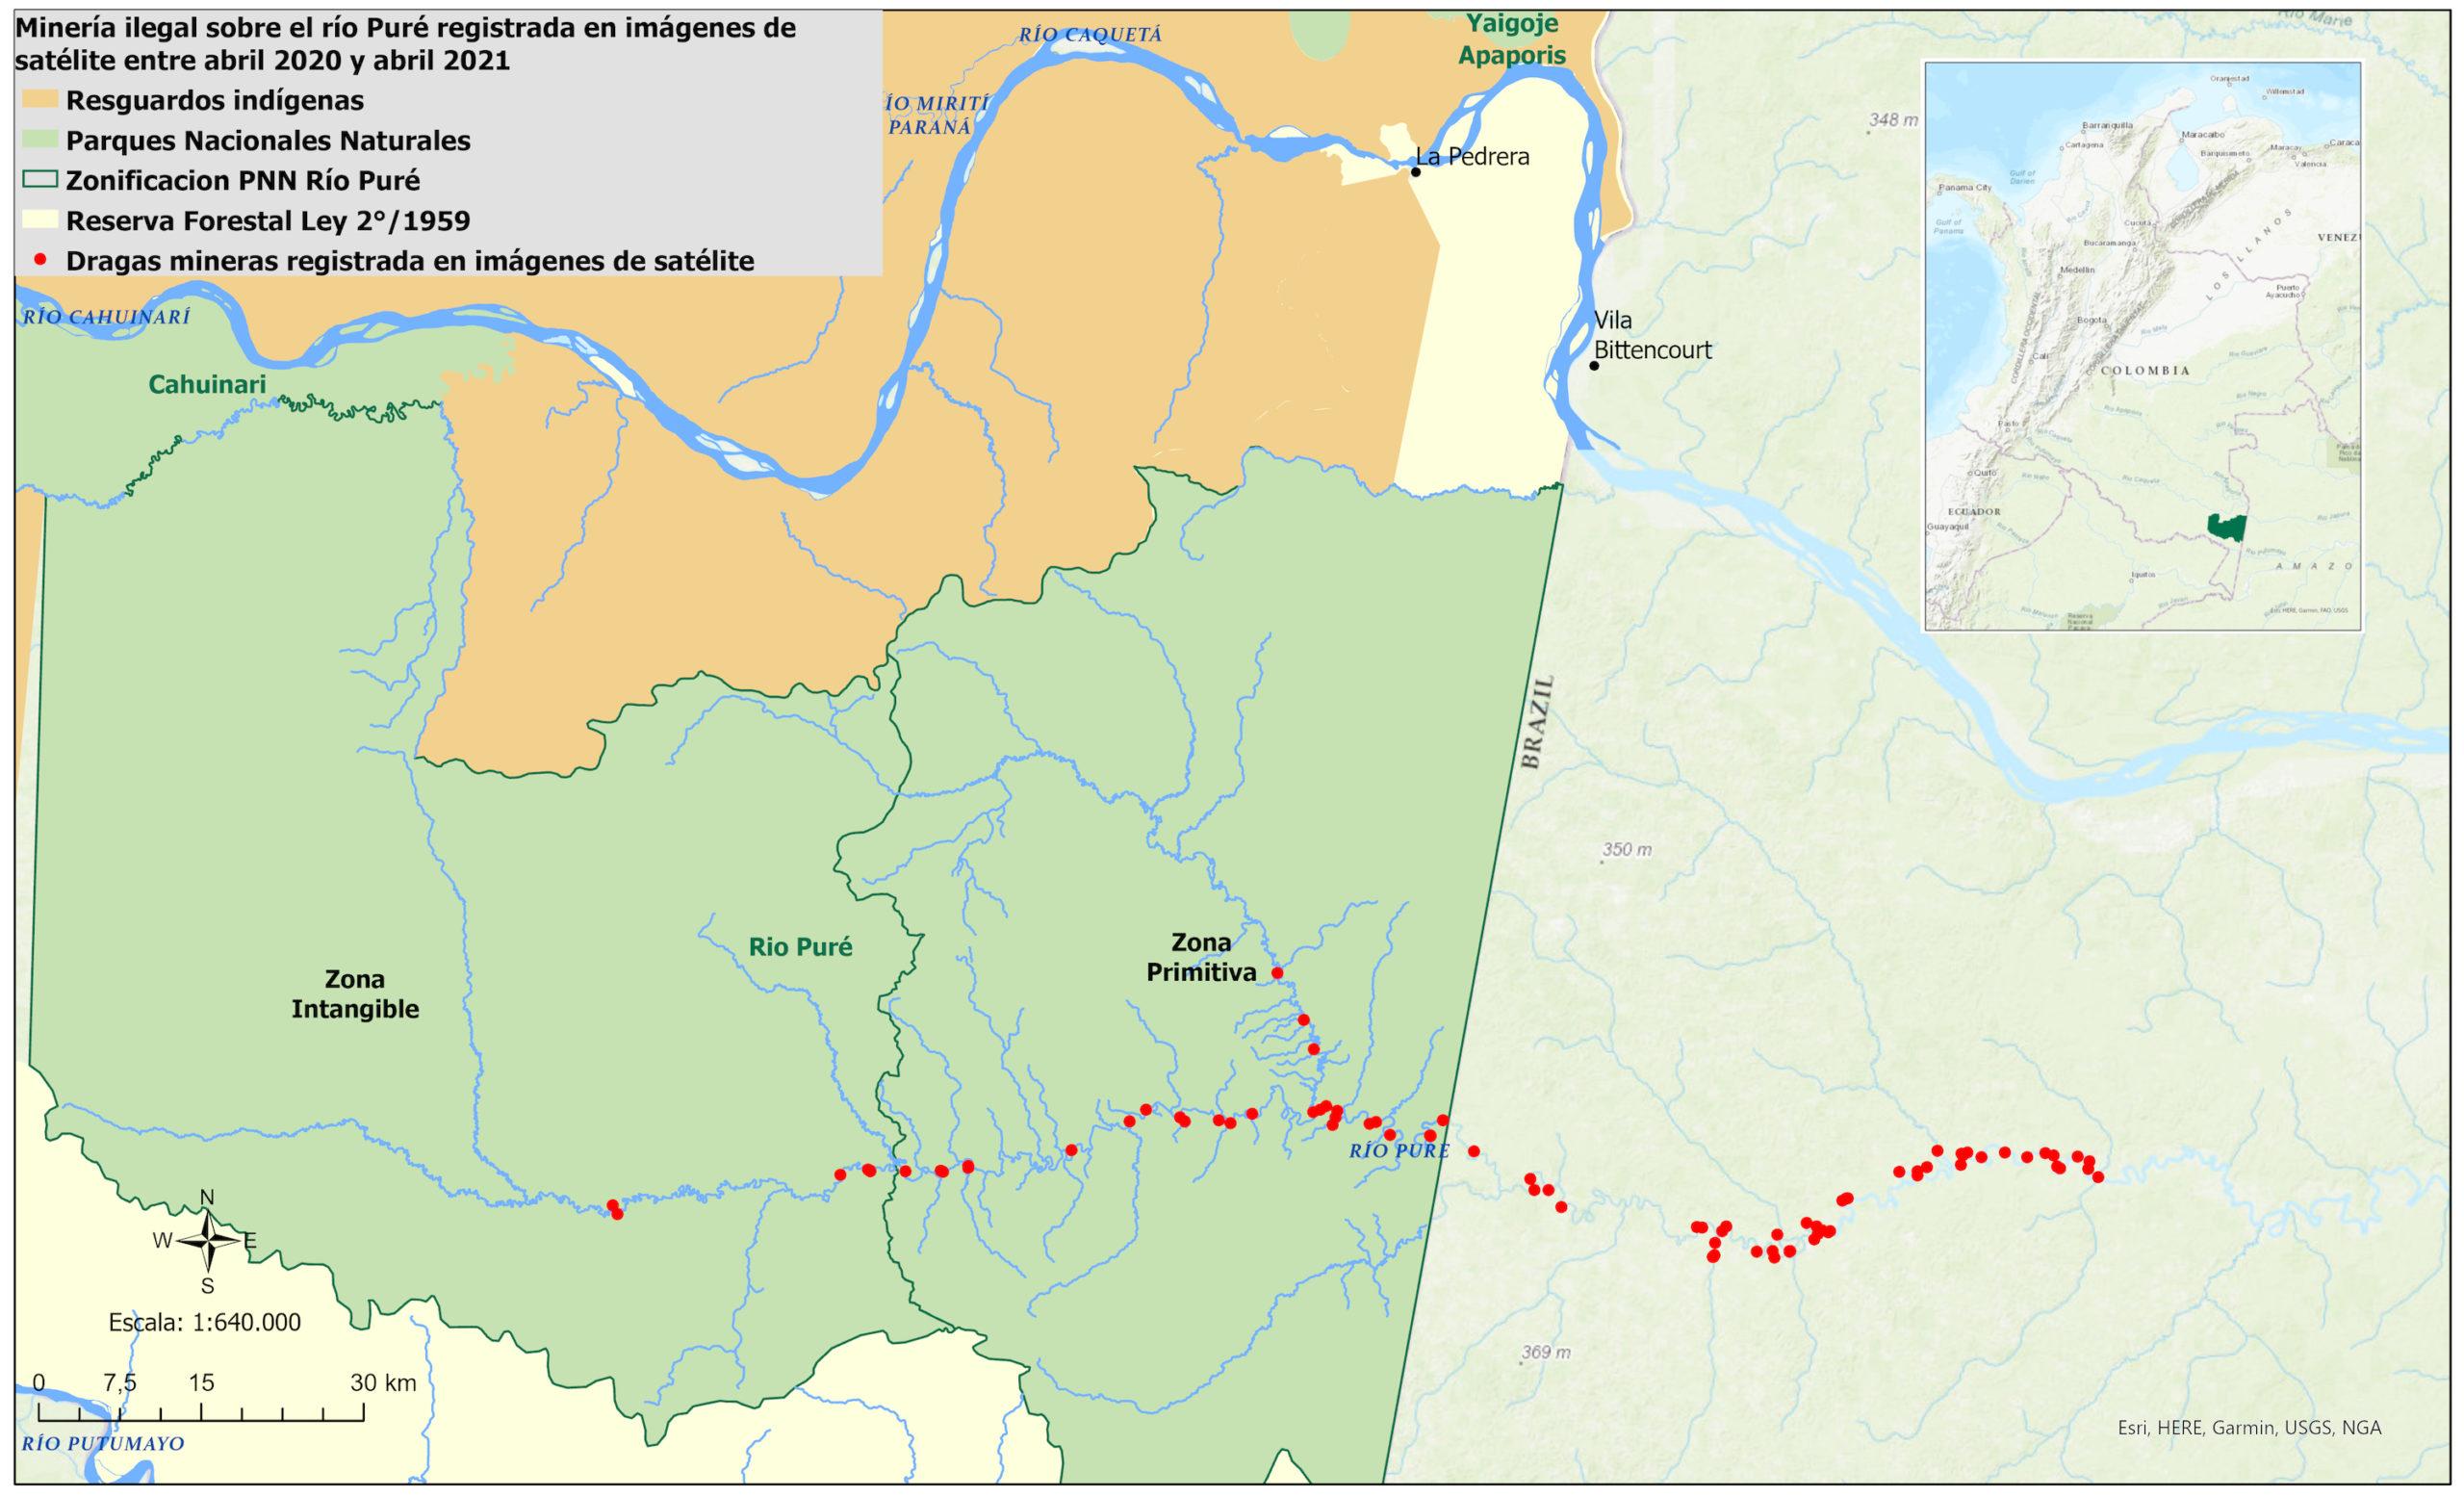 Dragas mineras ilegales regristradas a lo largo del río Puré. Colombia y Brasil. Cortesía: MAXAR.